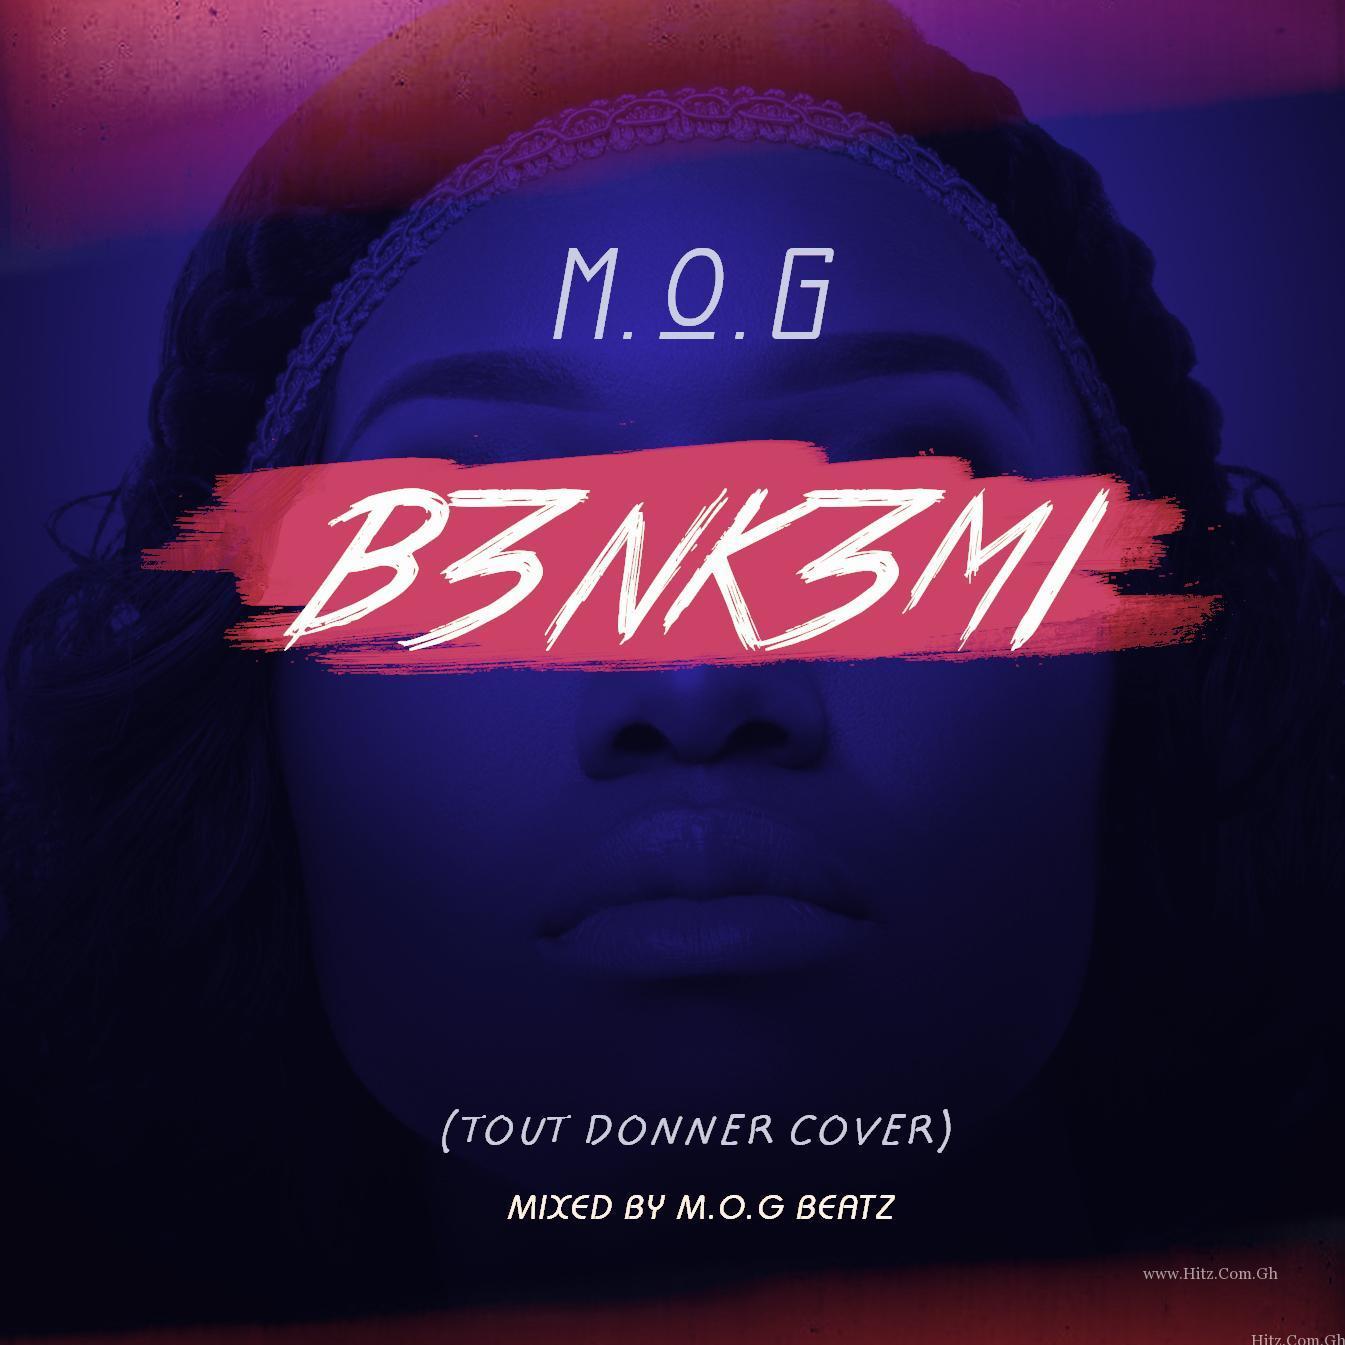 MOG - B3nk3mi (Tout Donner Cover)(Mixed by MOG Beatz)